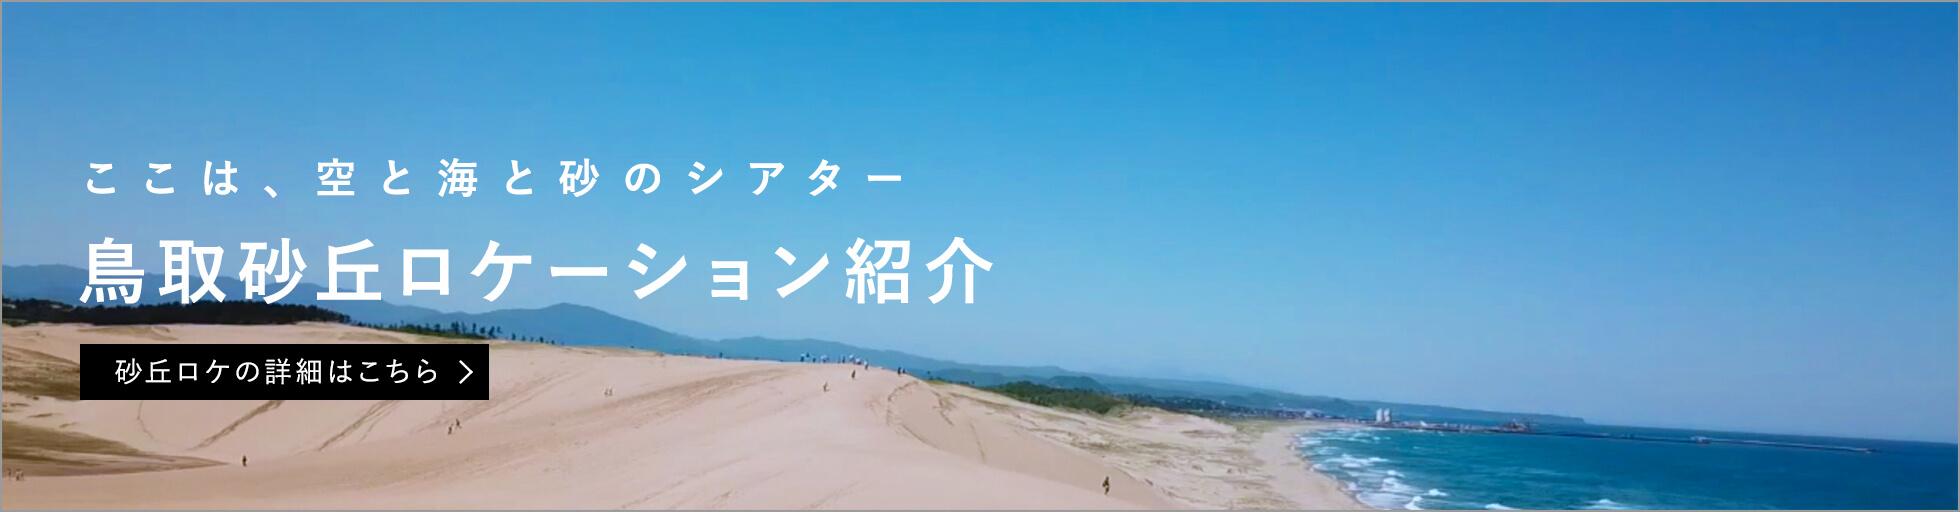 鳥取砂丘ロケーション紹介